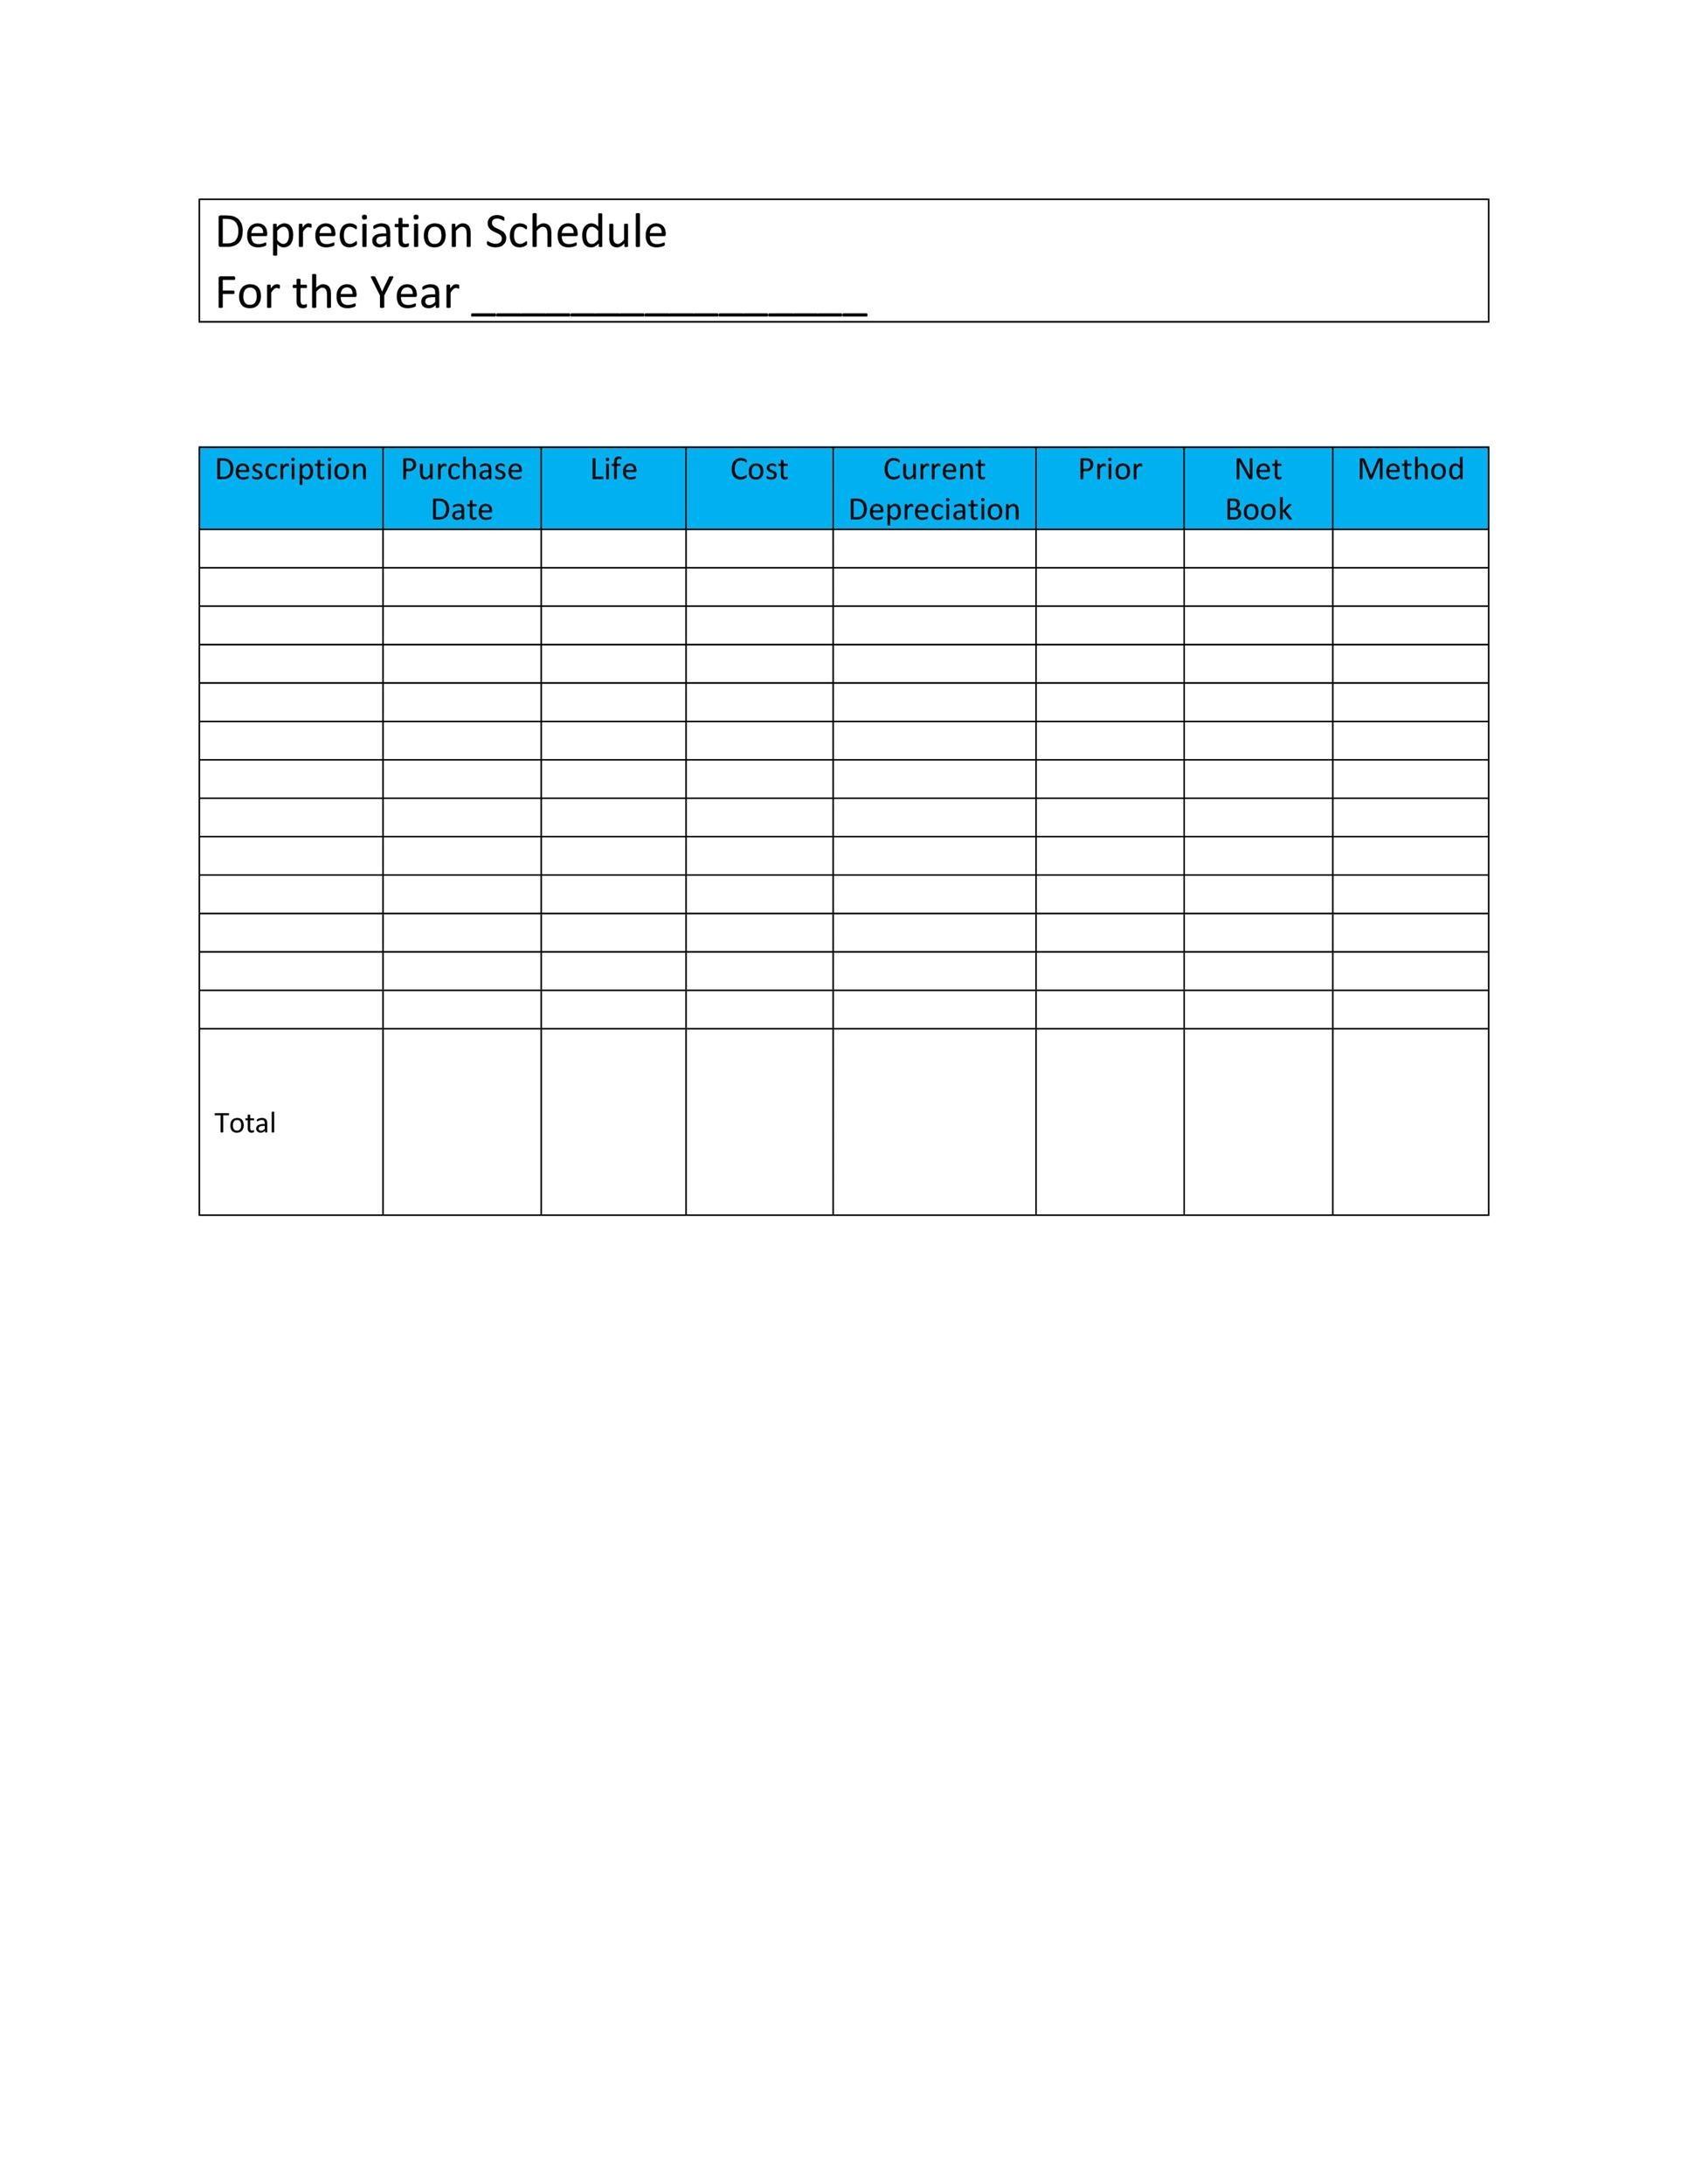 Free depreciation schedule template 32